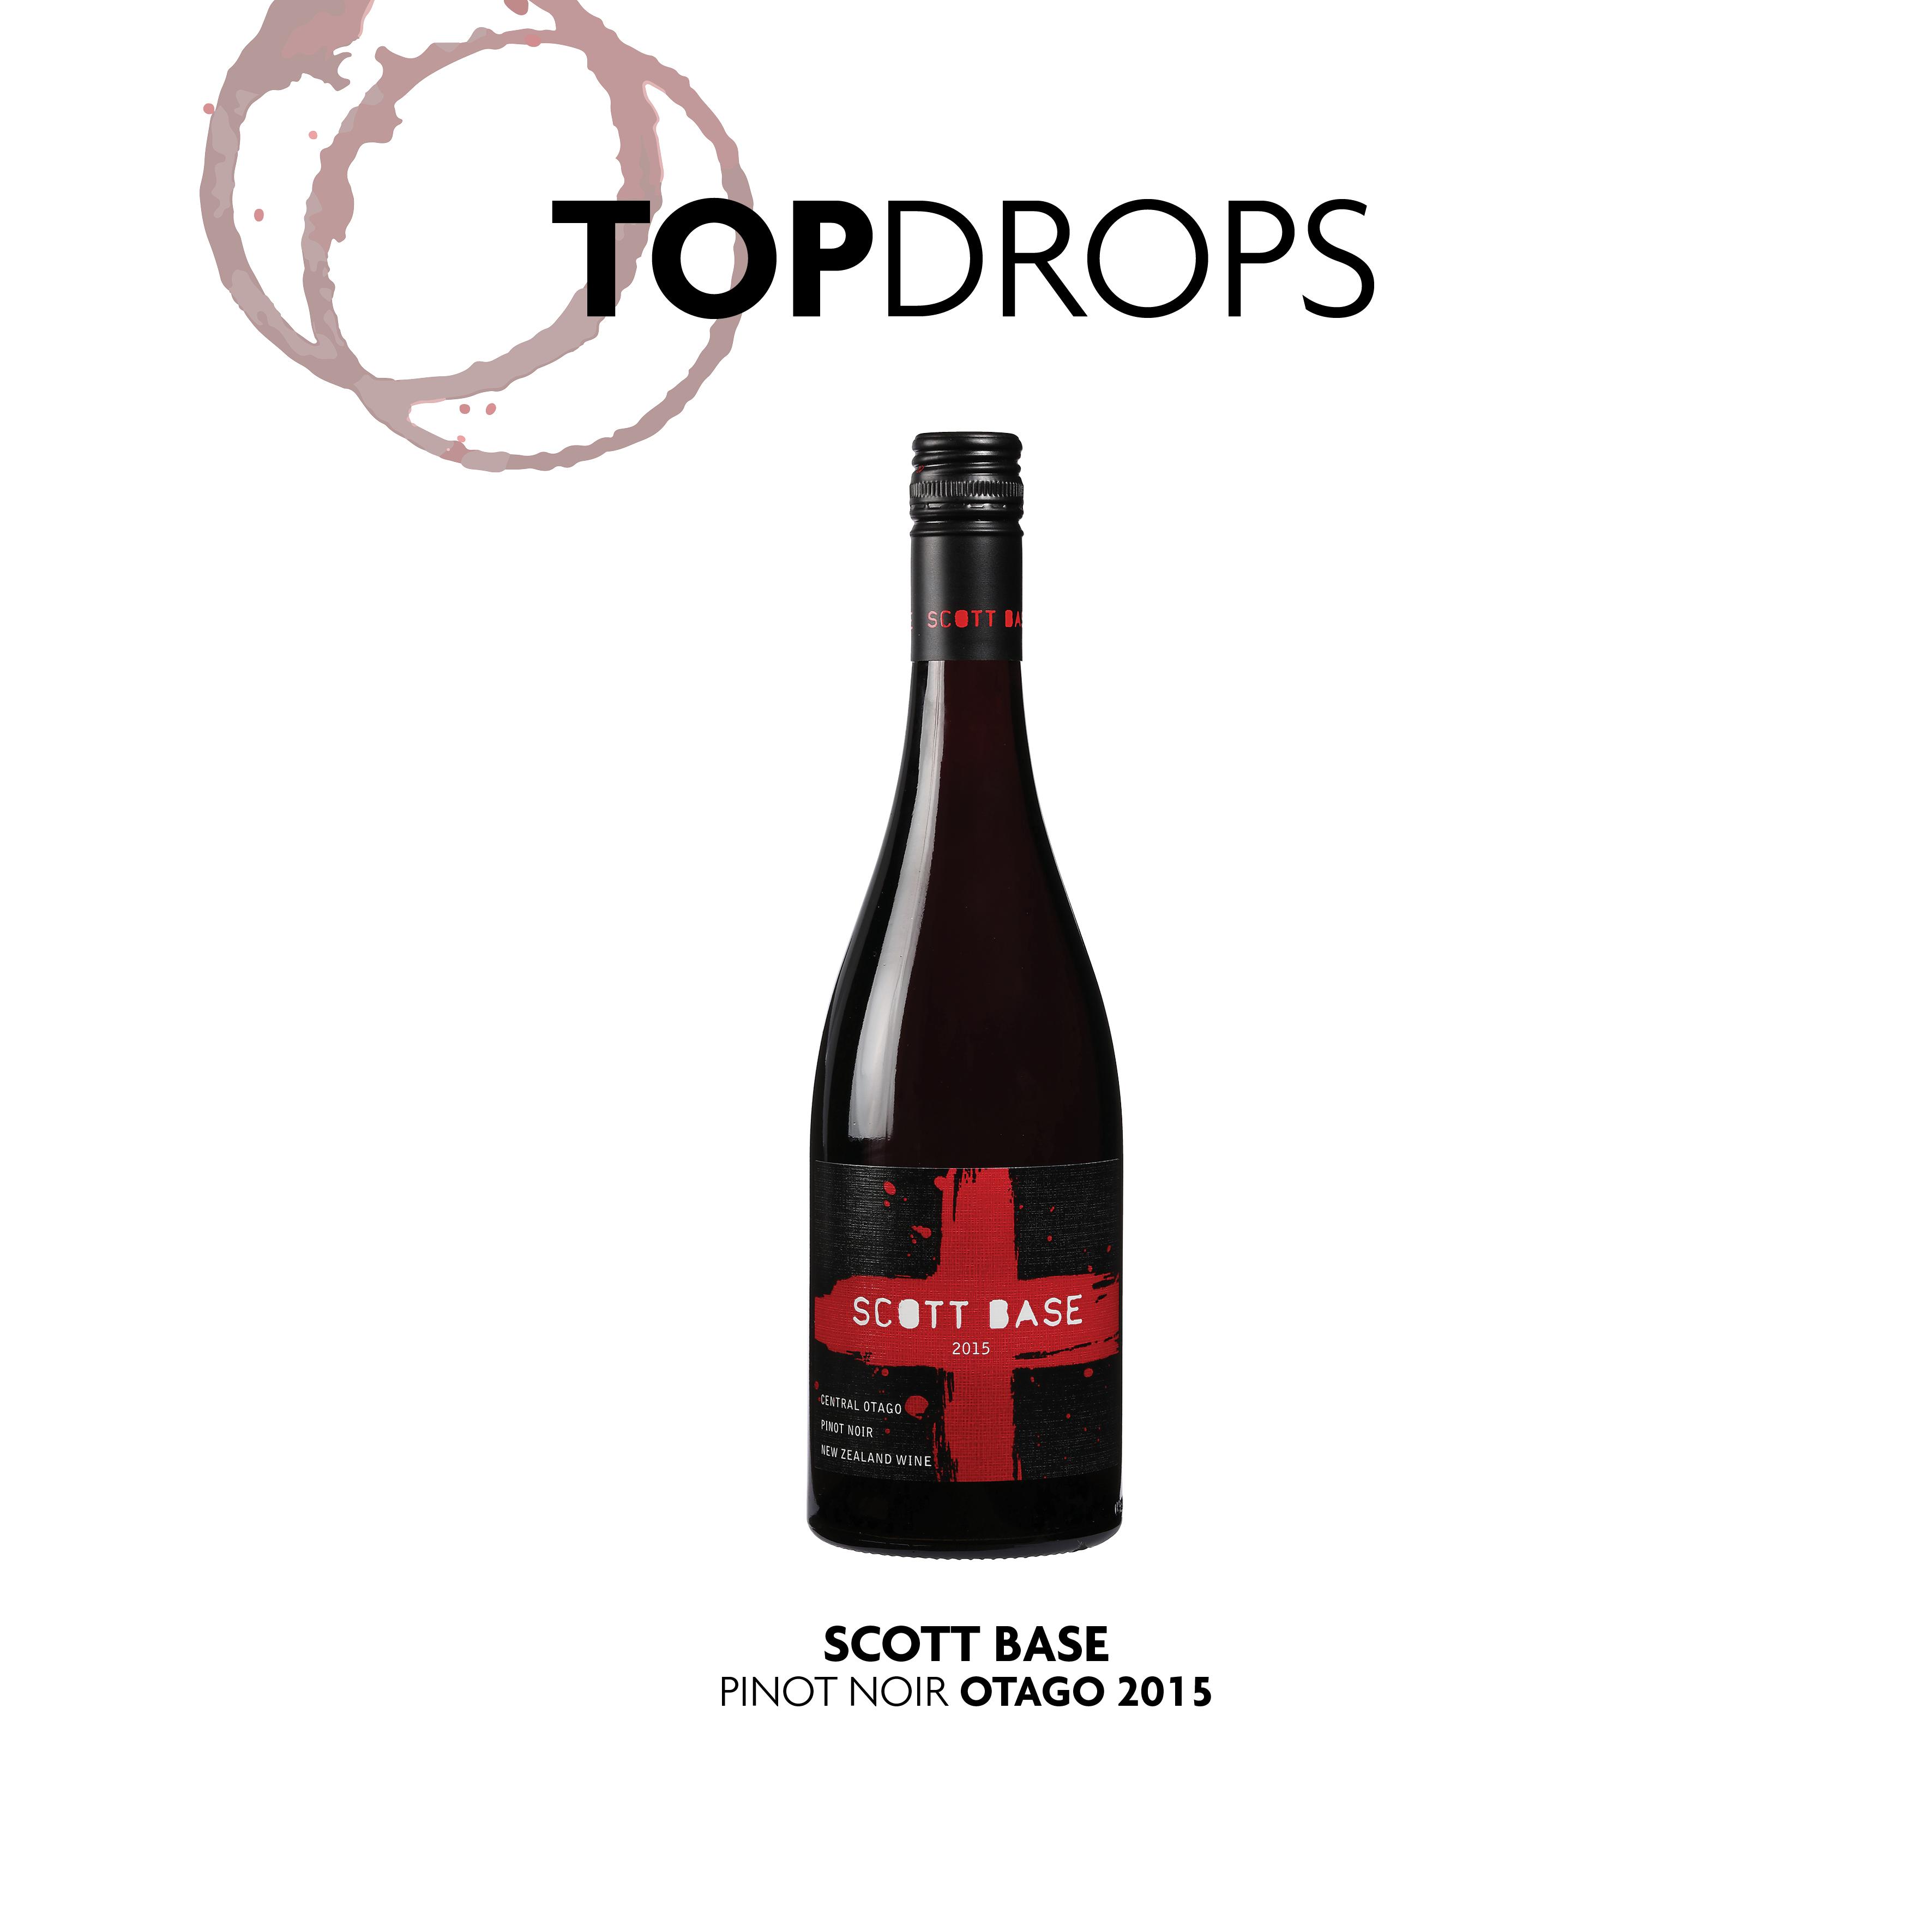 Bottle shot of Scott Base Central Otago Reserve Pinot Noir 2015